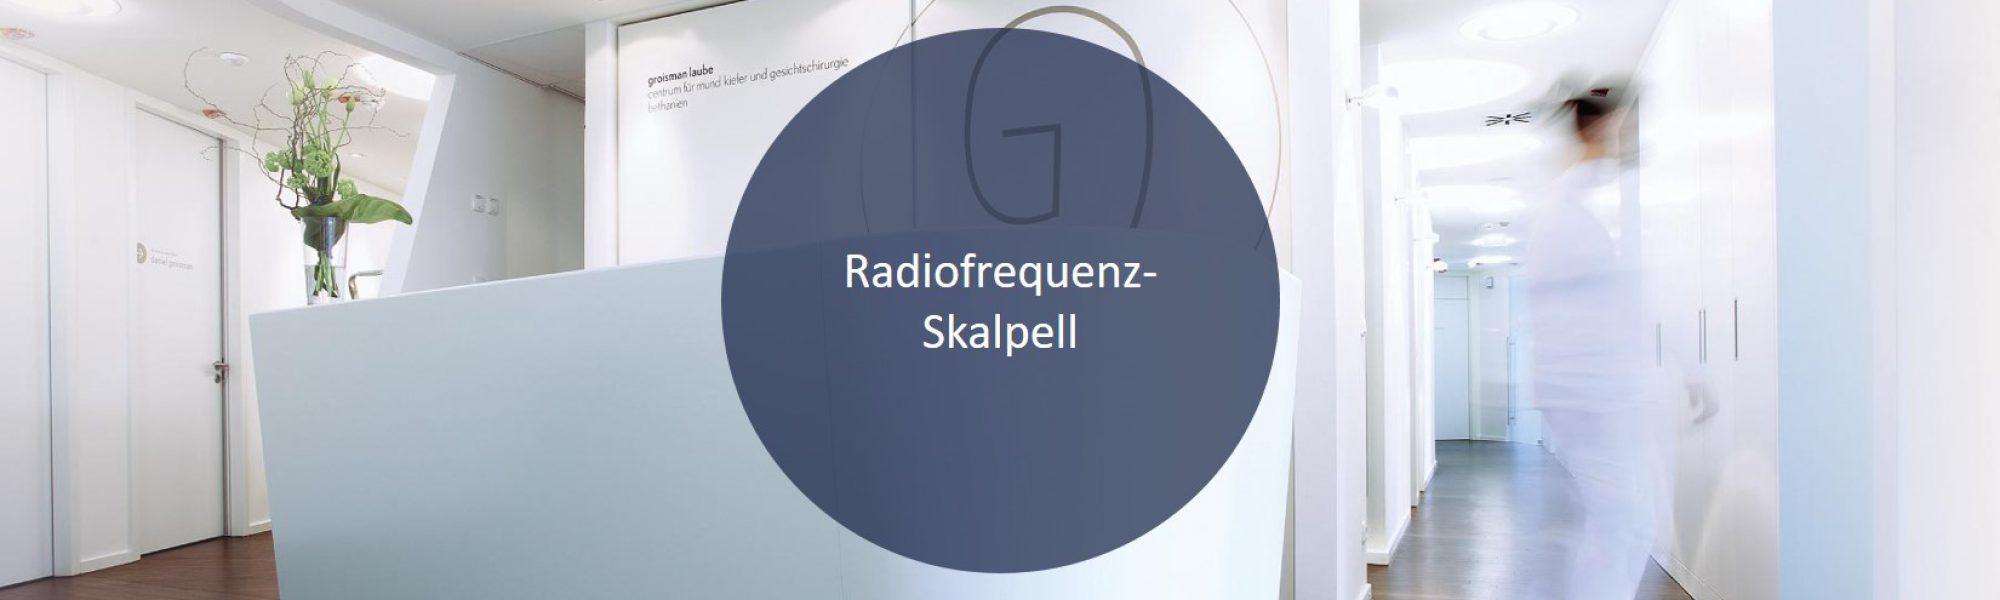 Groisman & Laube ist ausgestattet mit einem Radiofrequenz-Skalpell